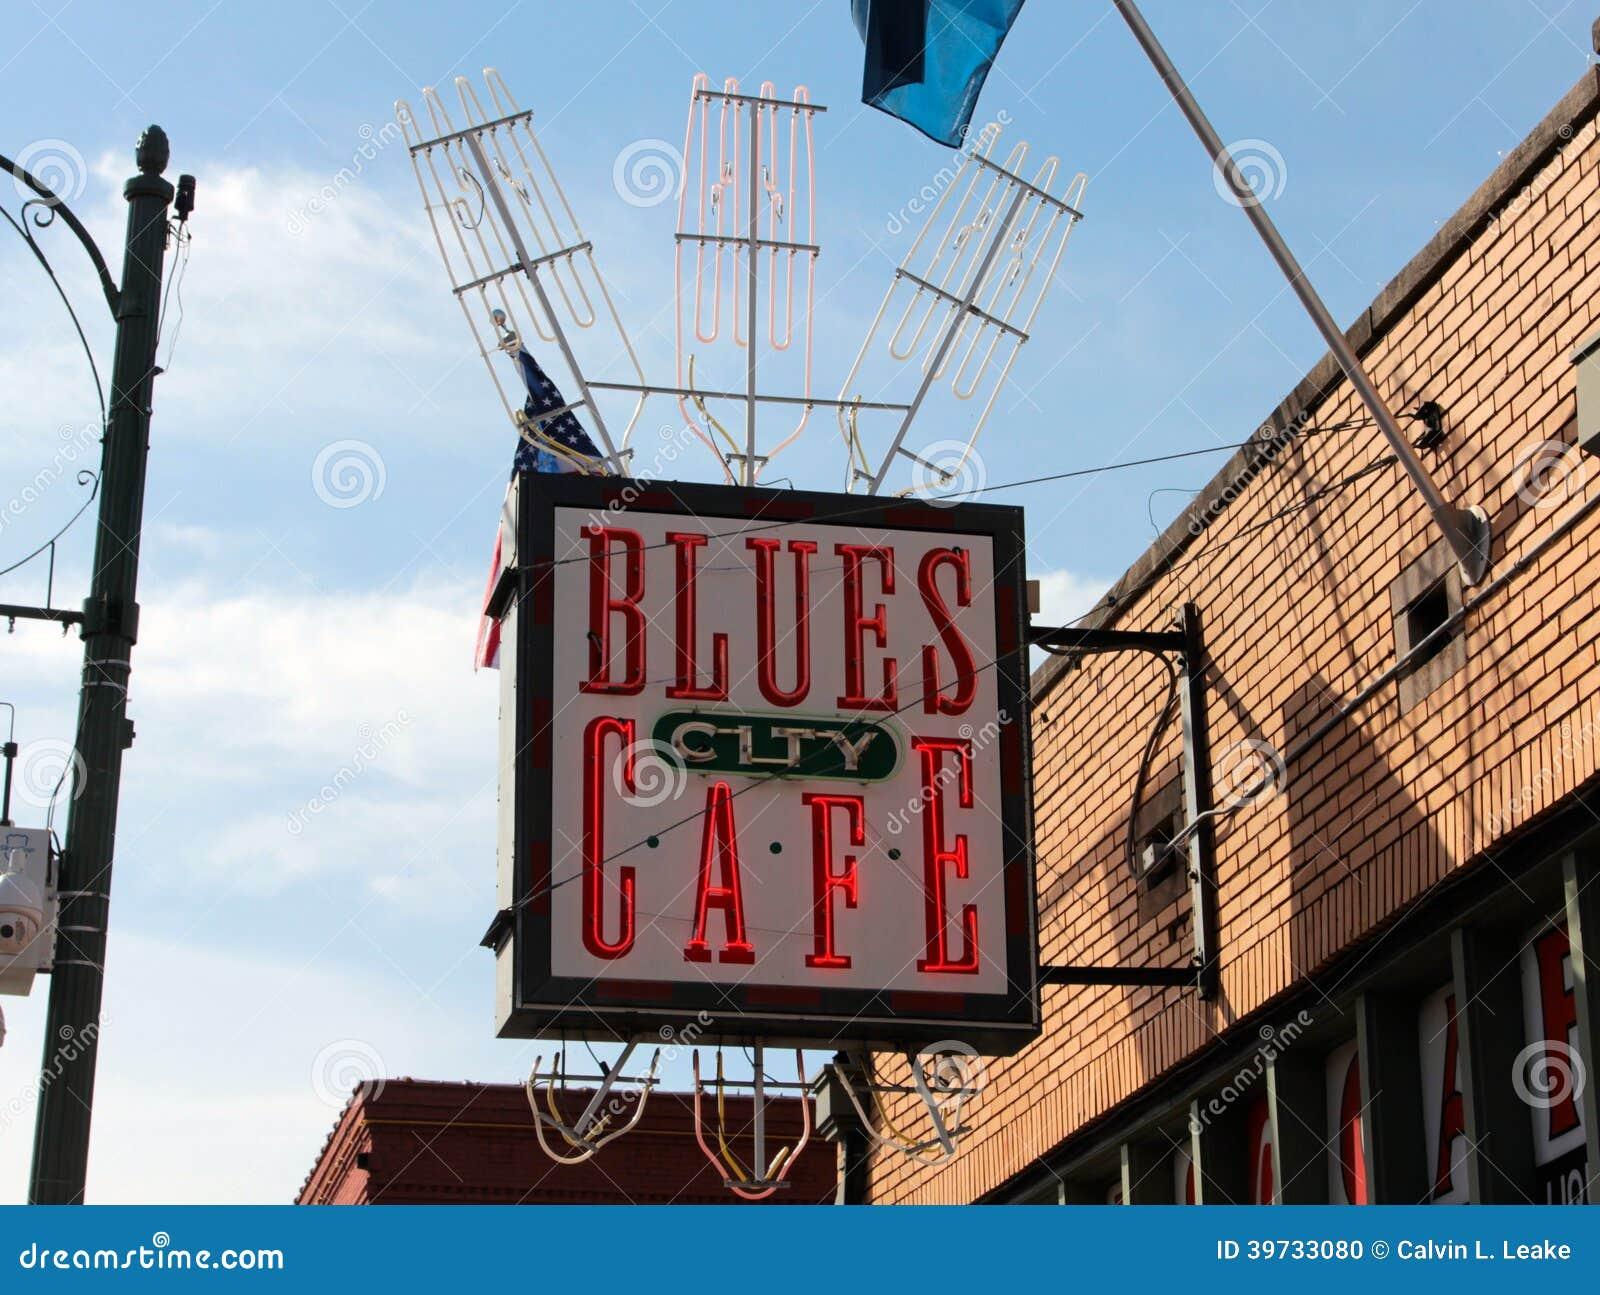 Blues City Cafe Memphis